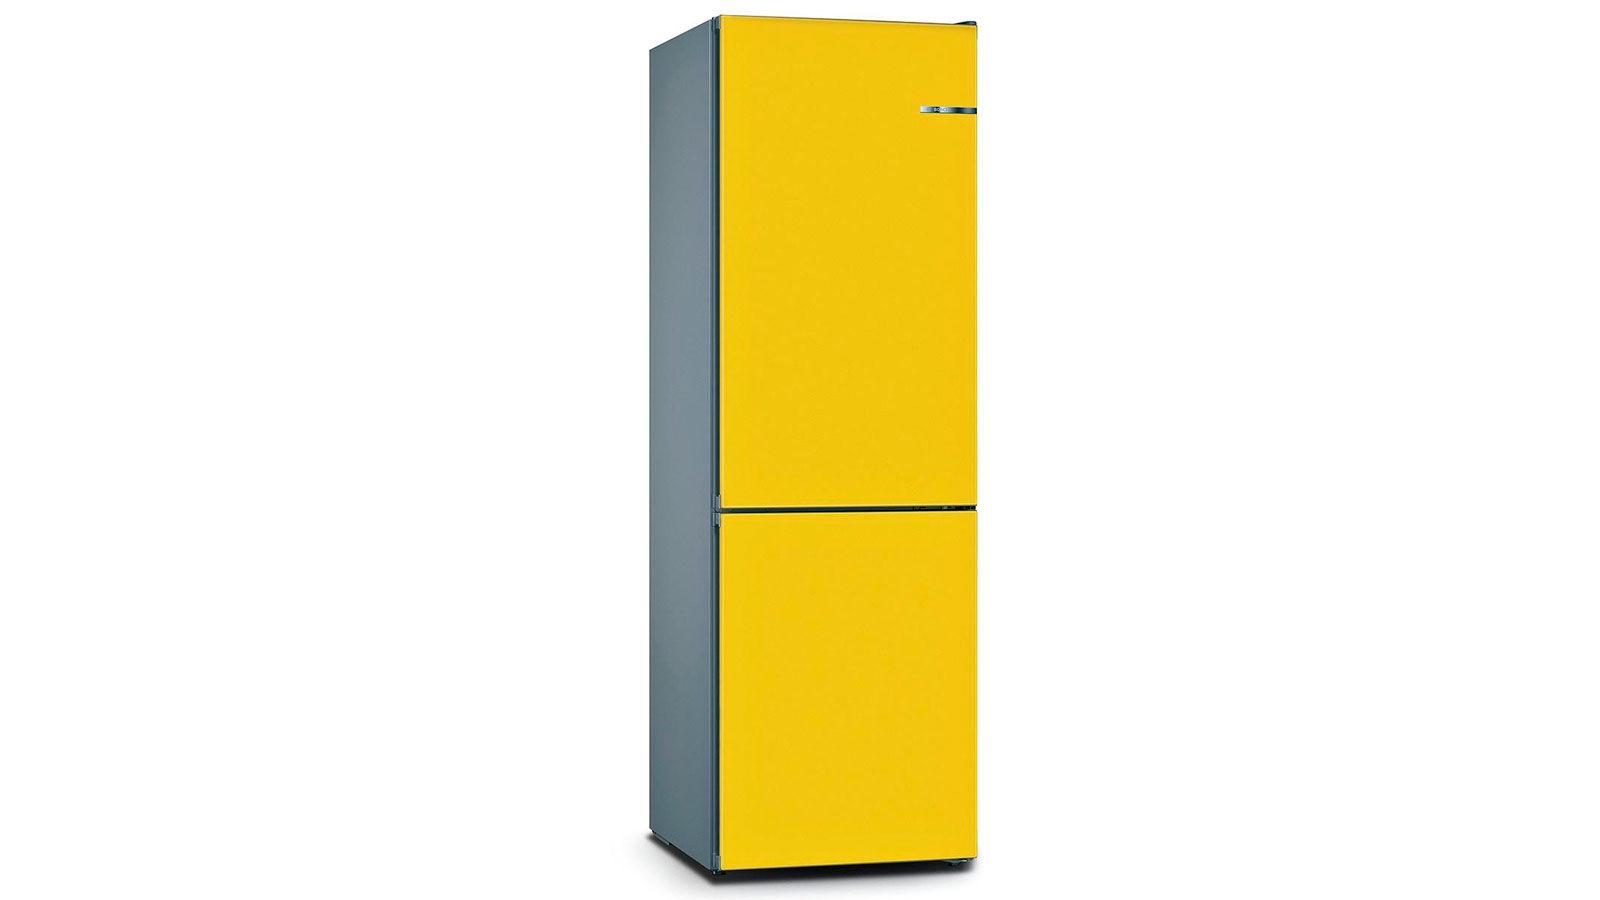 BOSCH 324L雙門雪櫃/配可更換門板 KVN36IF3BK-朝日黃色